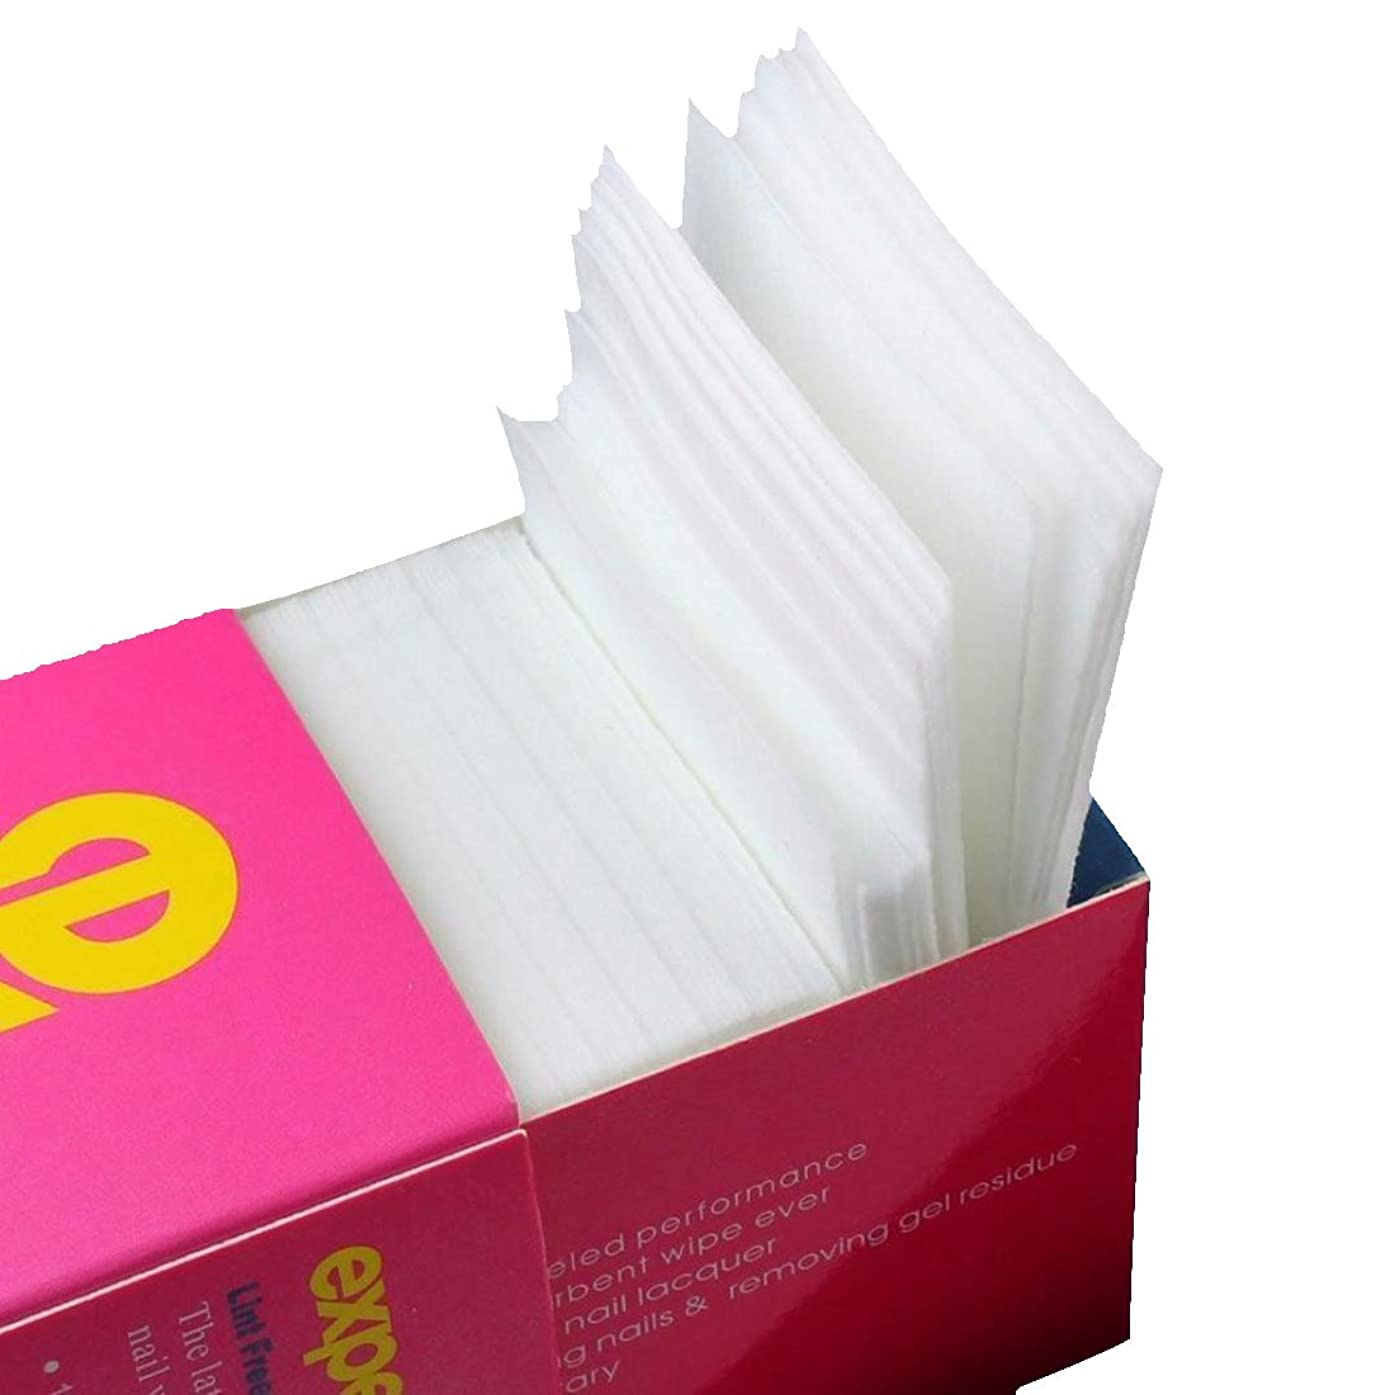 興奮コーナー原因Cikuso 325枚ネイルワイプリントフリーコットンパッド、ネイルジェル除去用不織布綿シートネイルポリッシュクリーニングパッド